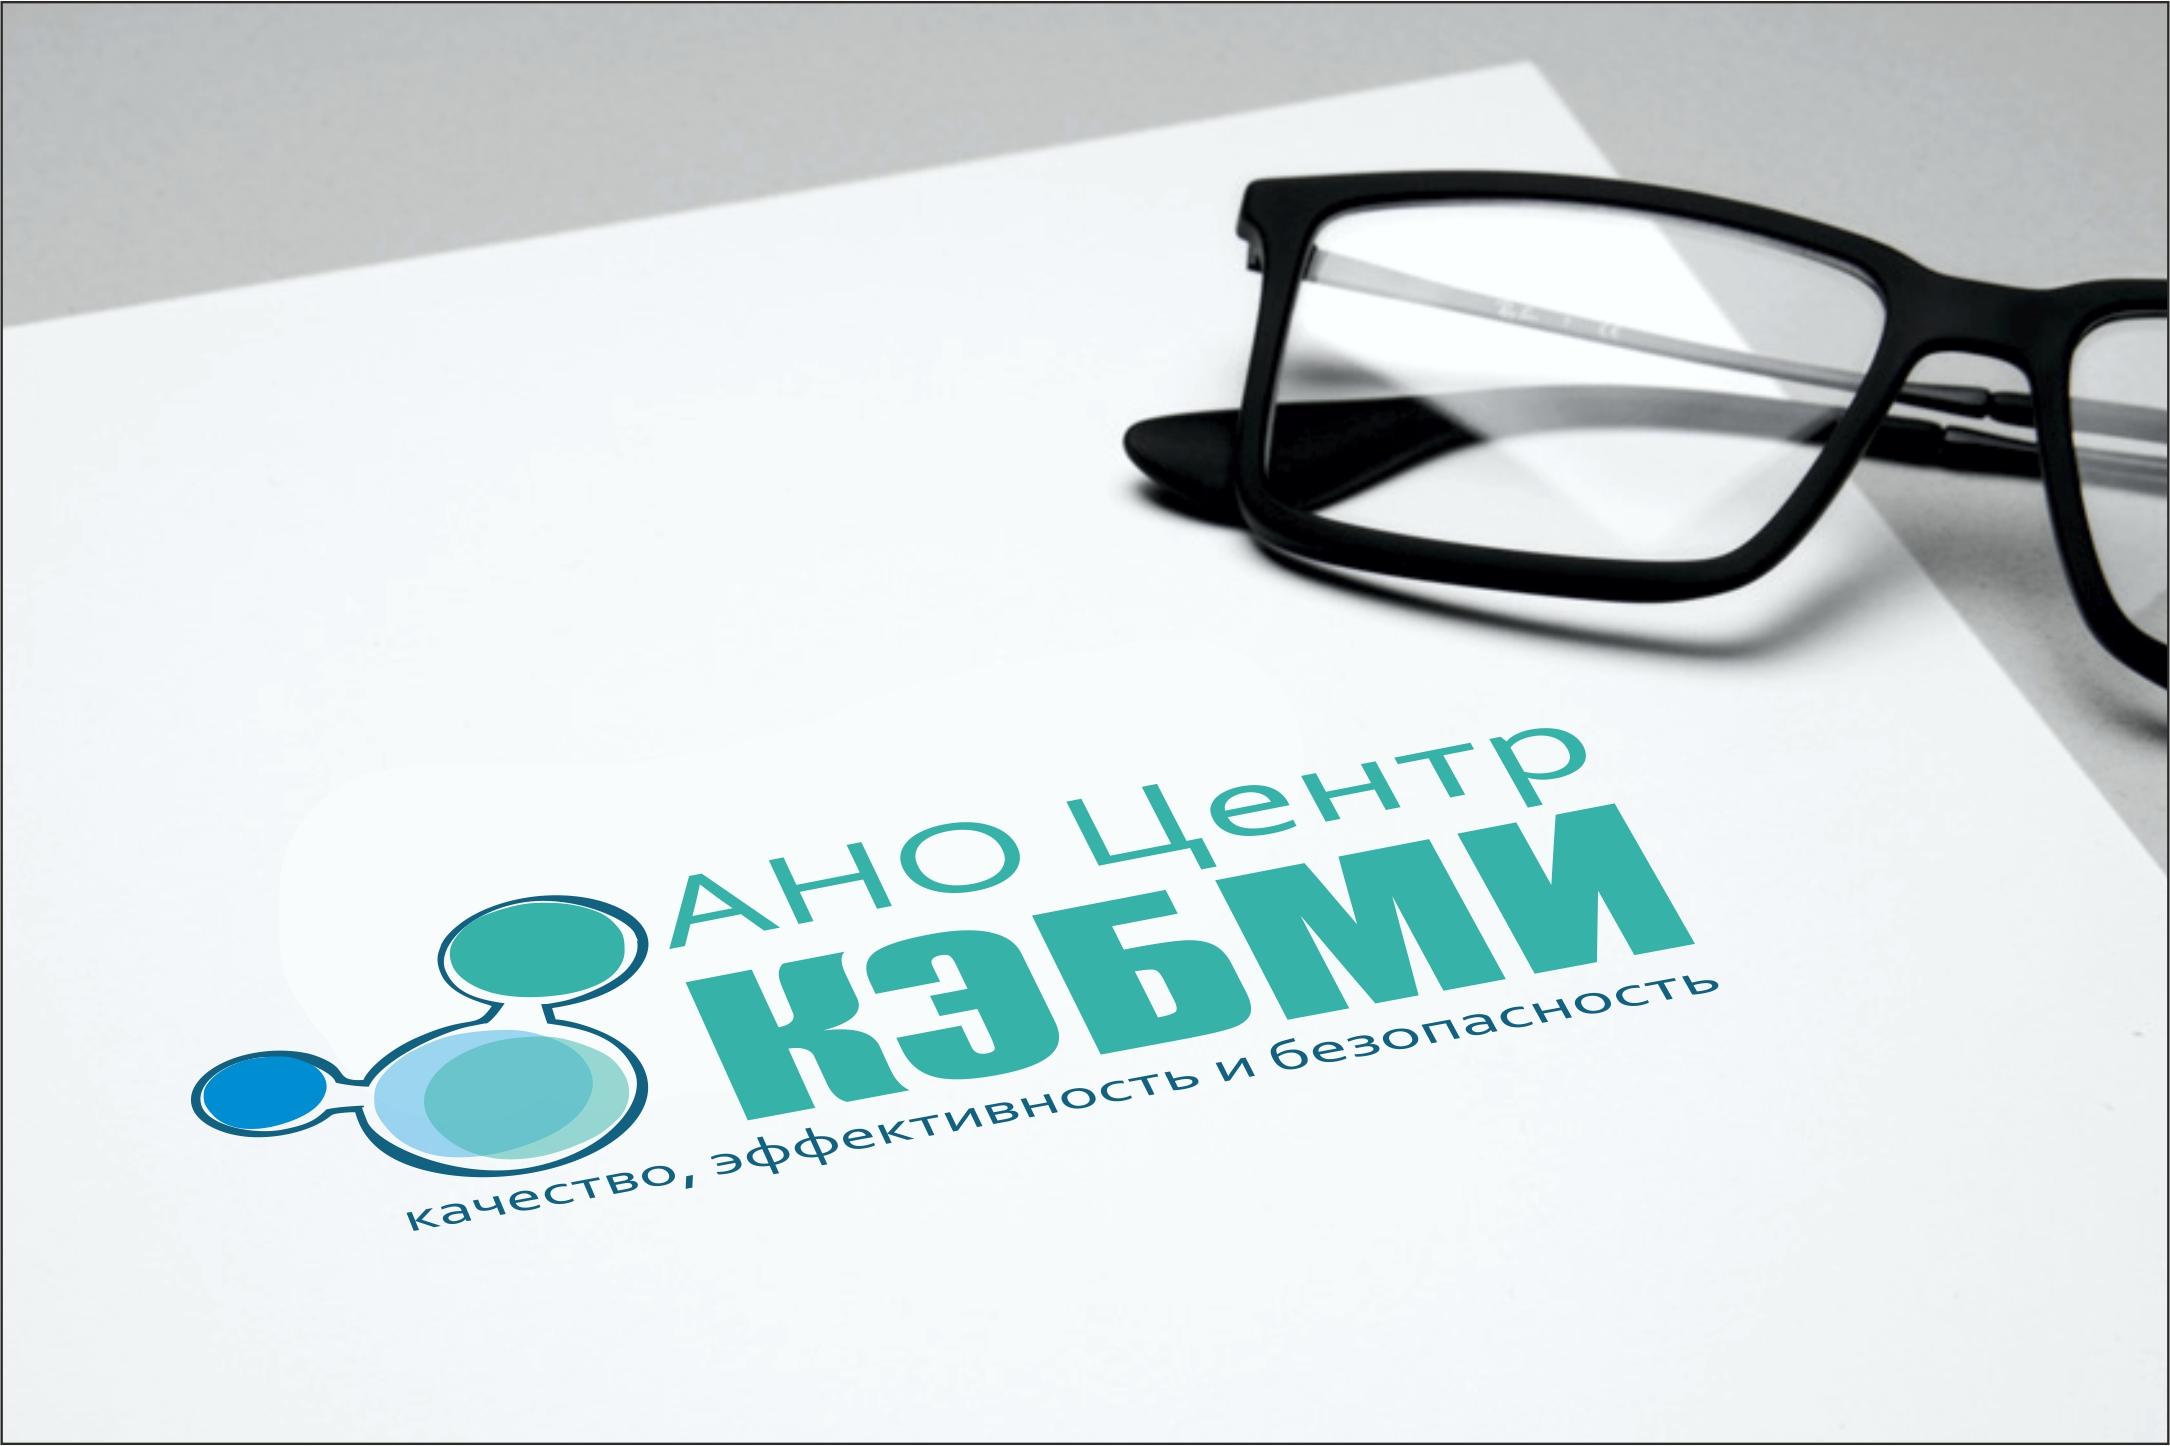 Редизайн логотипа АНО Центр КЭБМИ - BREVIS фото f_8015b1eaa2c8856d.jpg